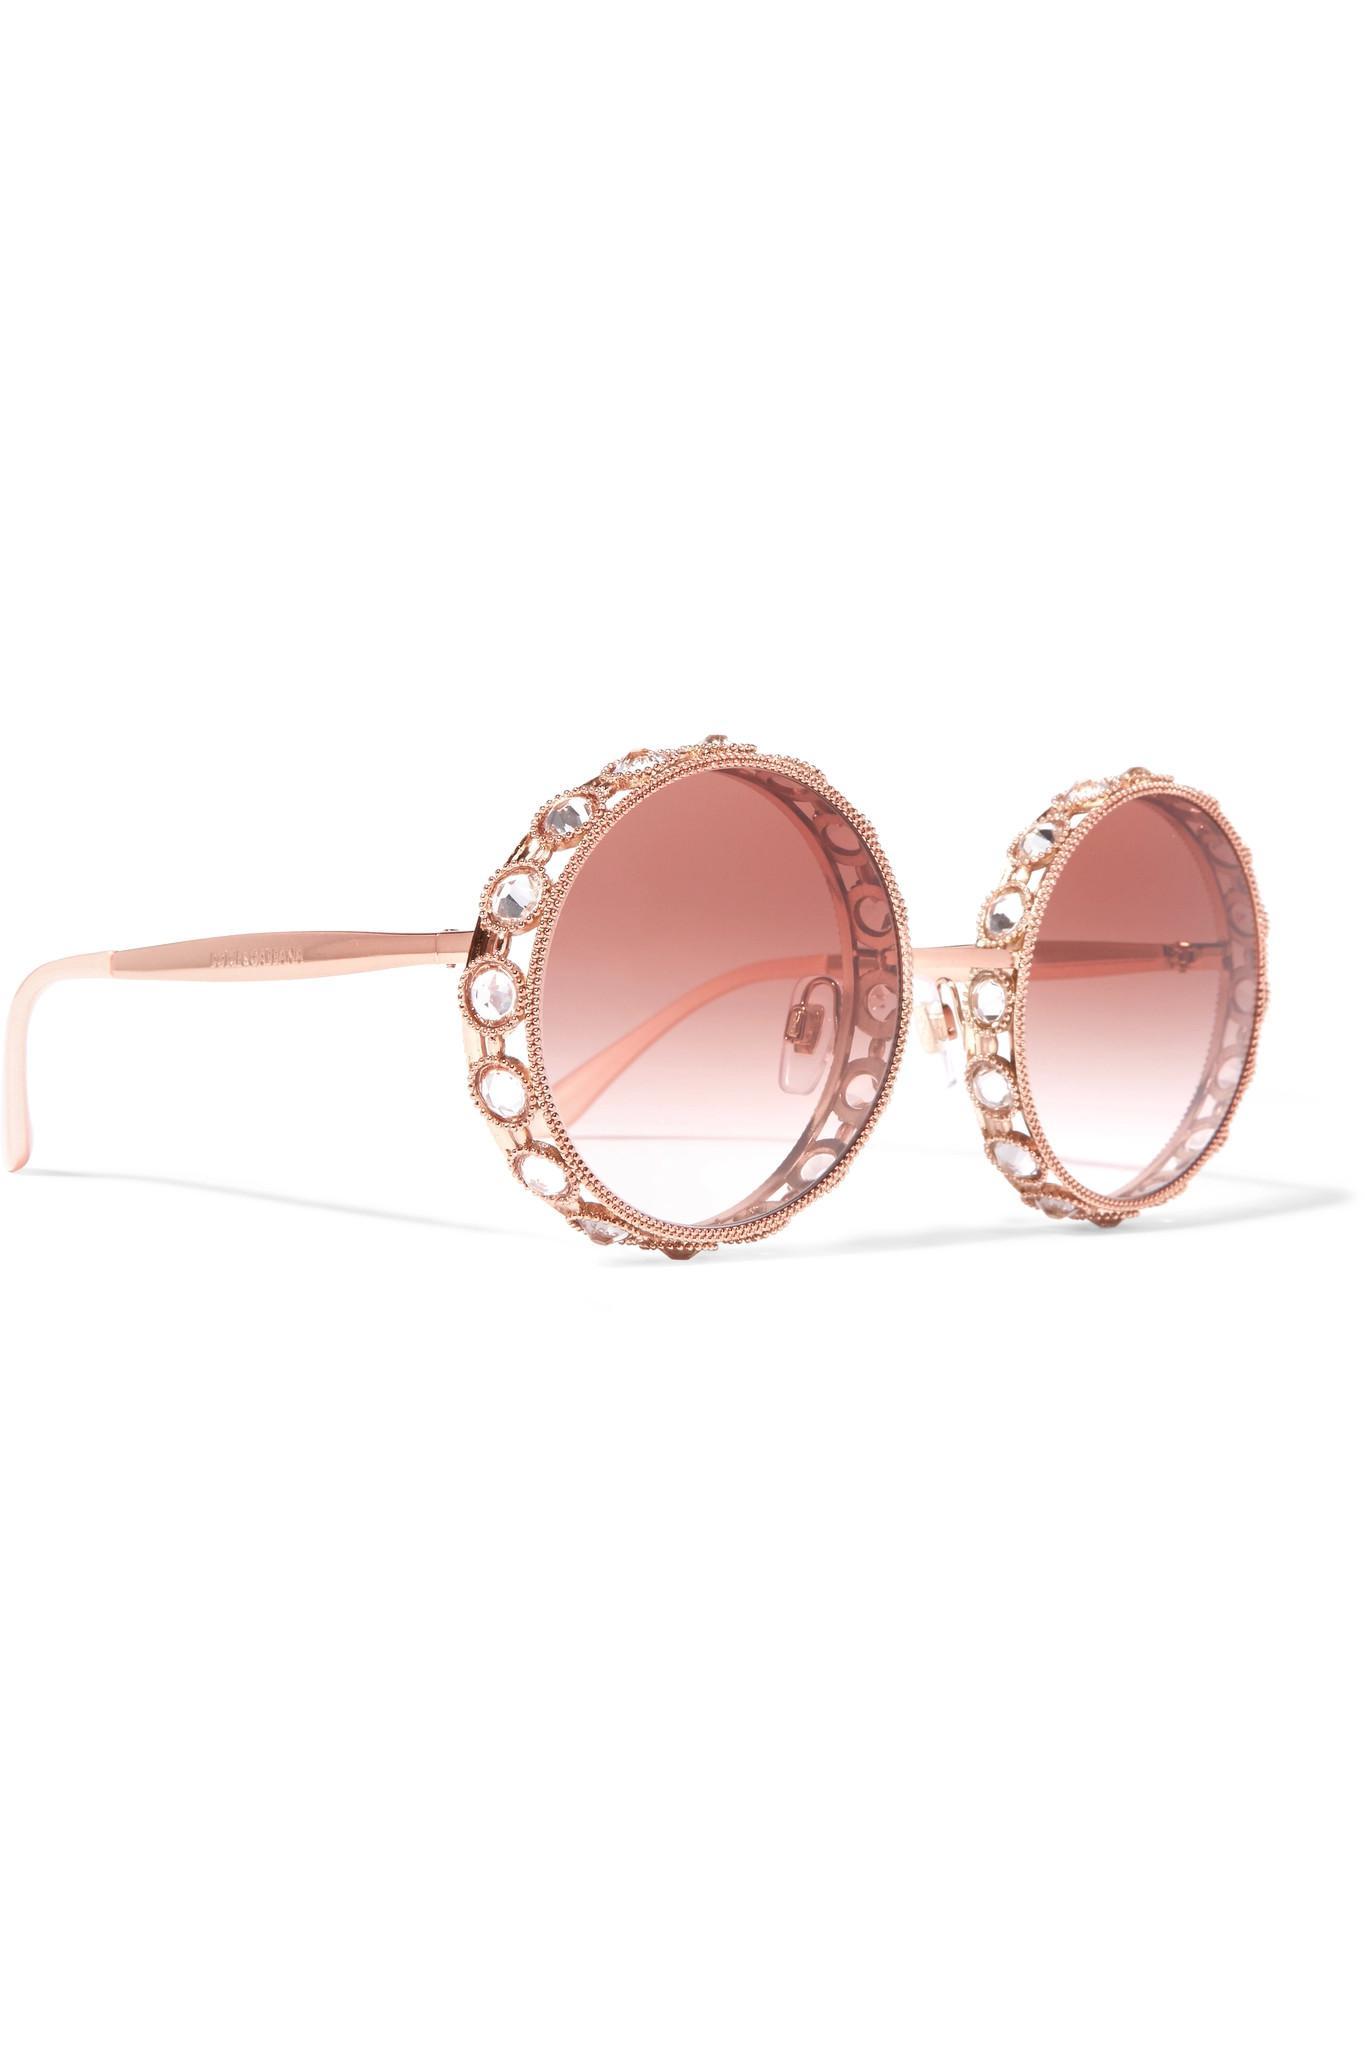 96e8841b53f5 Lyst - Dolce   Gabbana Swarovski Crystal-embellished Round-frame ...